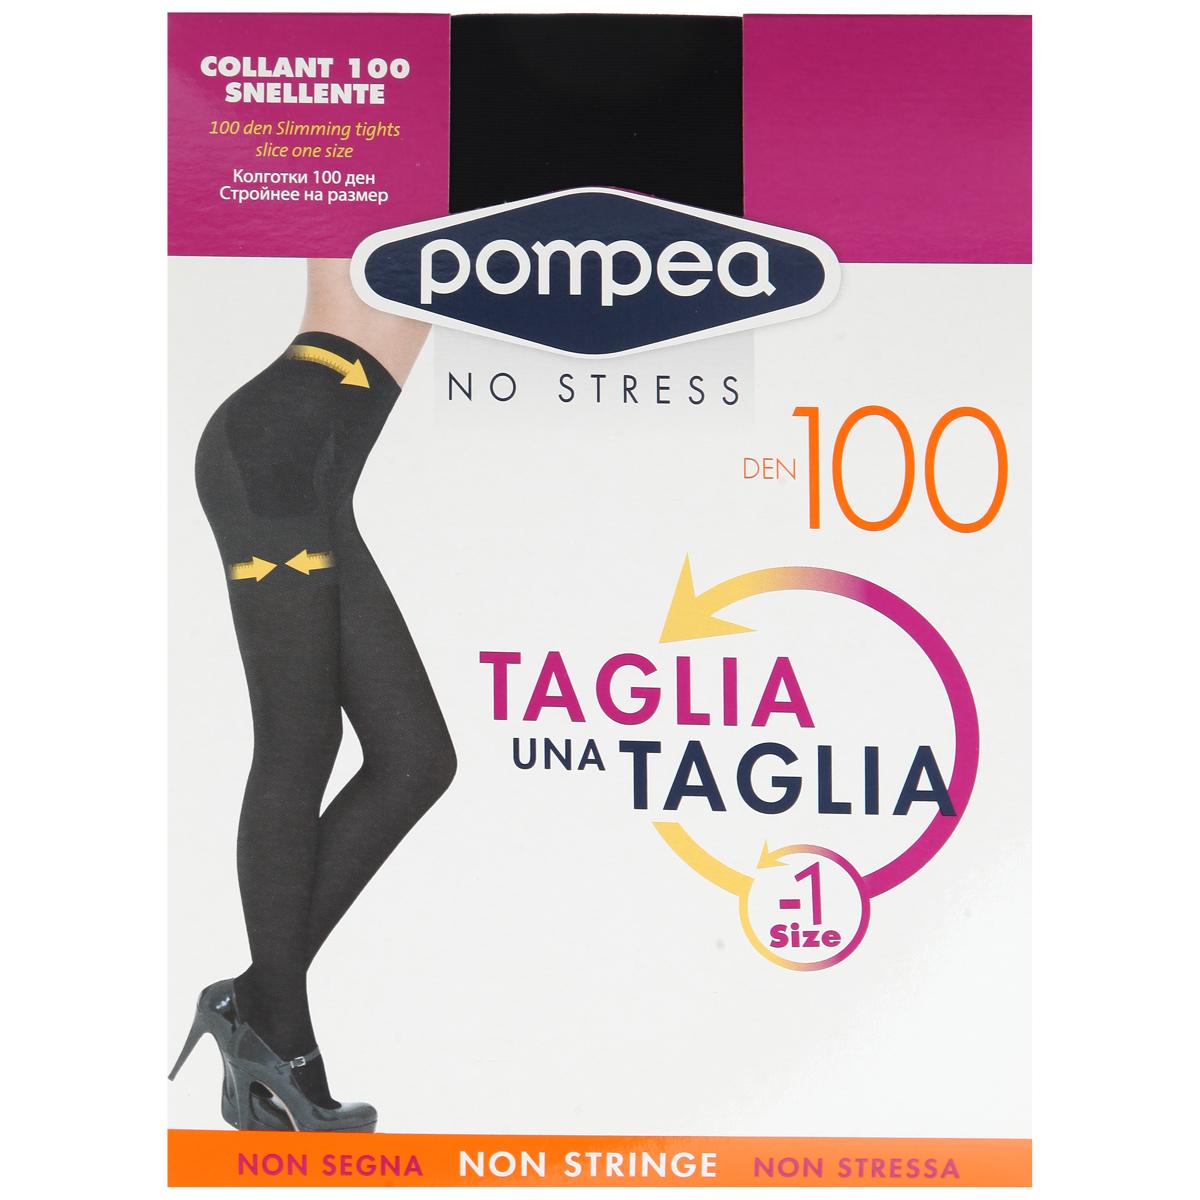 Колготки женские Pompea Taglia Una Taglia 100. 9076891490768914 NeroМатовые эластичные колготки Pompea Taglia Una Taglia, непрозрачные, эластичная 3D нить двойной обкрутки, с утягивающими и корректирующими фигуру трусиками 150 ден, уменьшают объем на один размер, идеально моделируют область живота, ягодиц и бедер, с плоским швом и хлопчатобумажной. Плотность: 100 den.